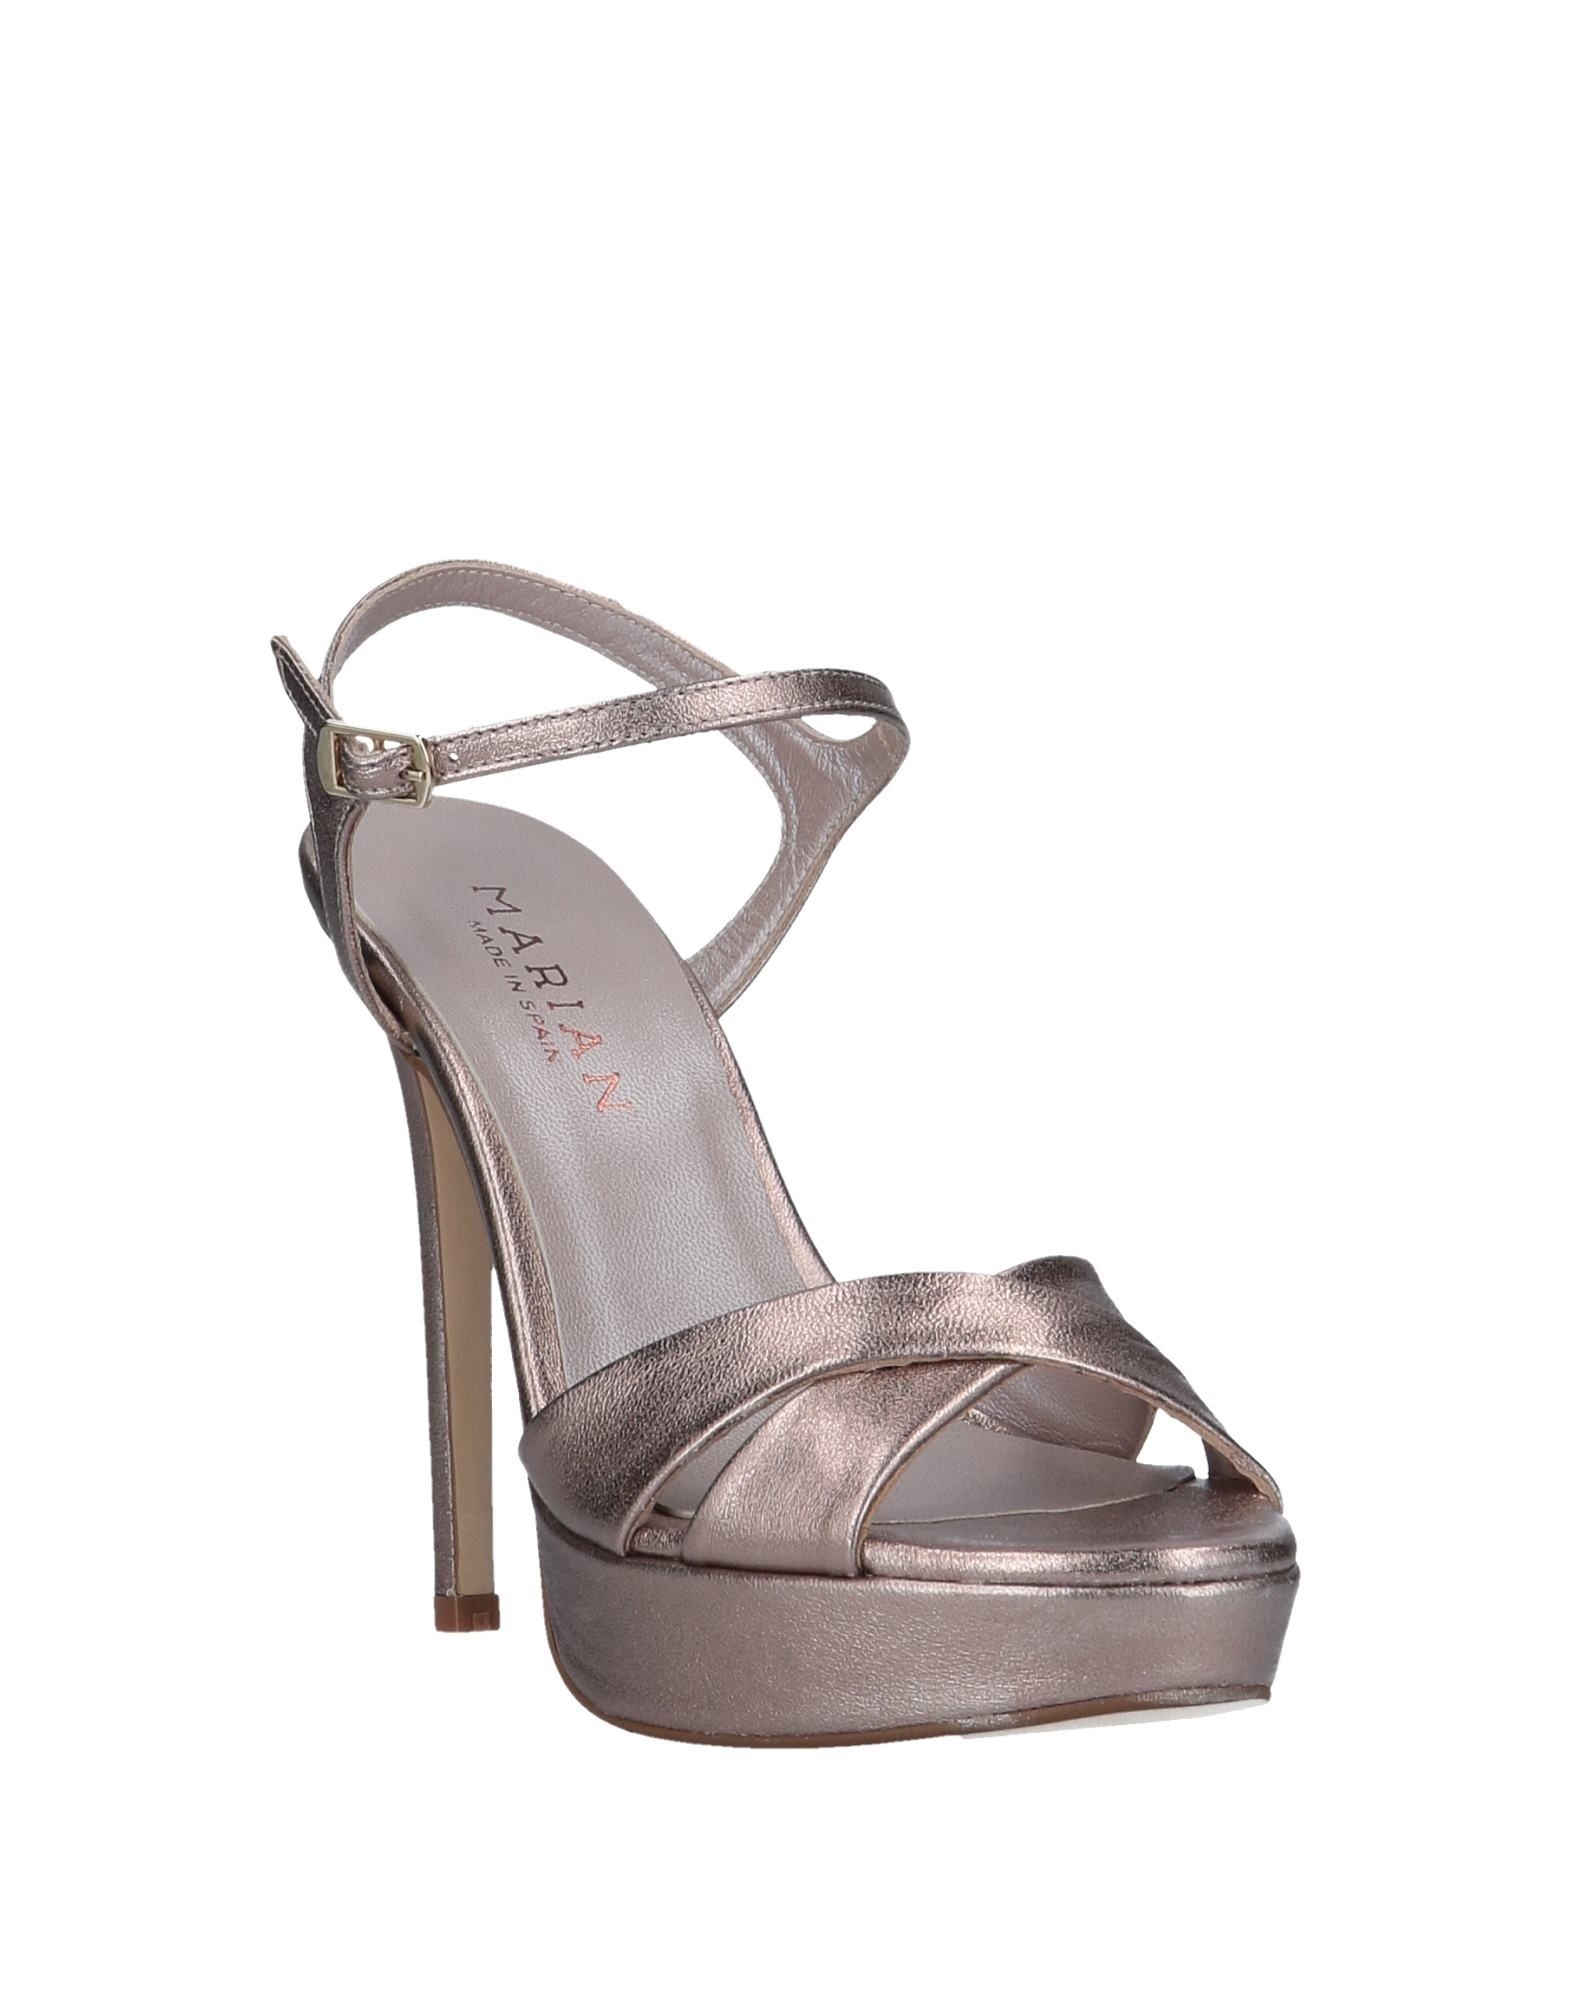 Marian Sandalen beliebte Damen 11563739QX Gute Qualität beliebte Sandalen Schuhe 0105e7